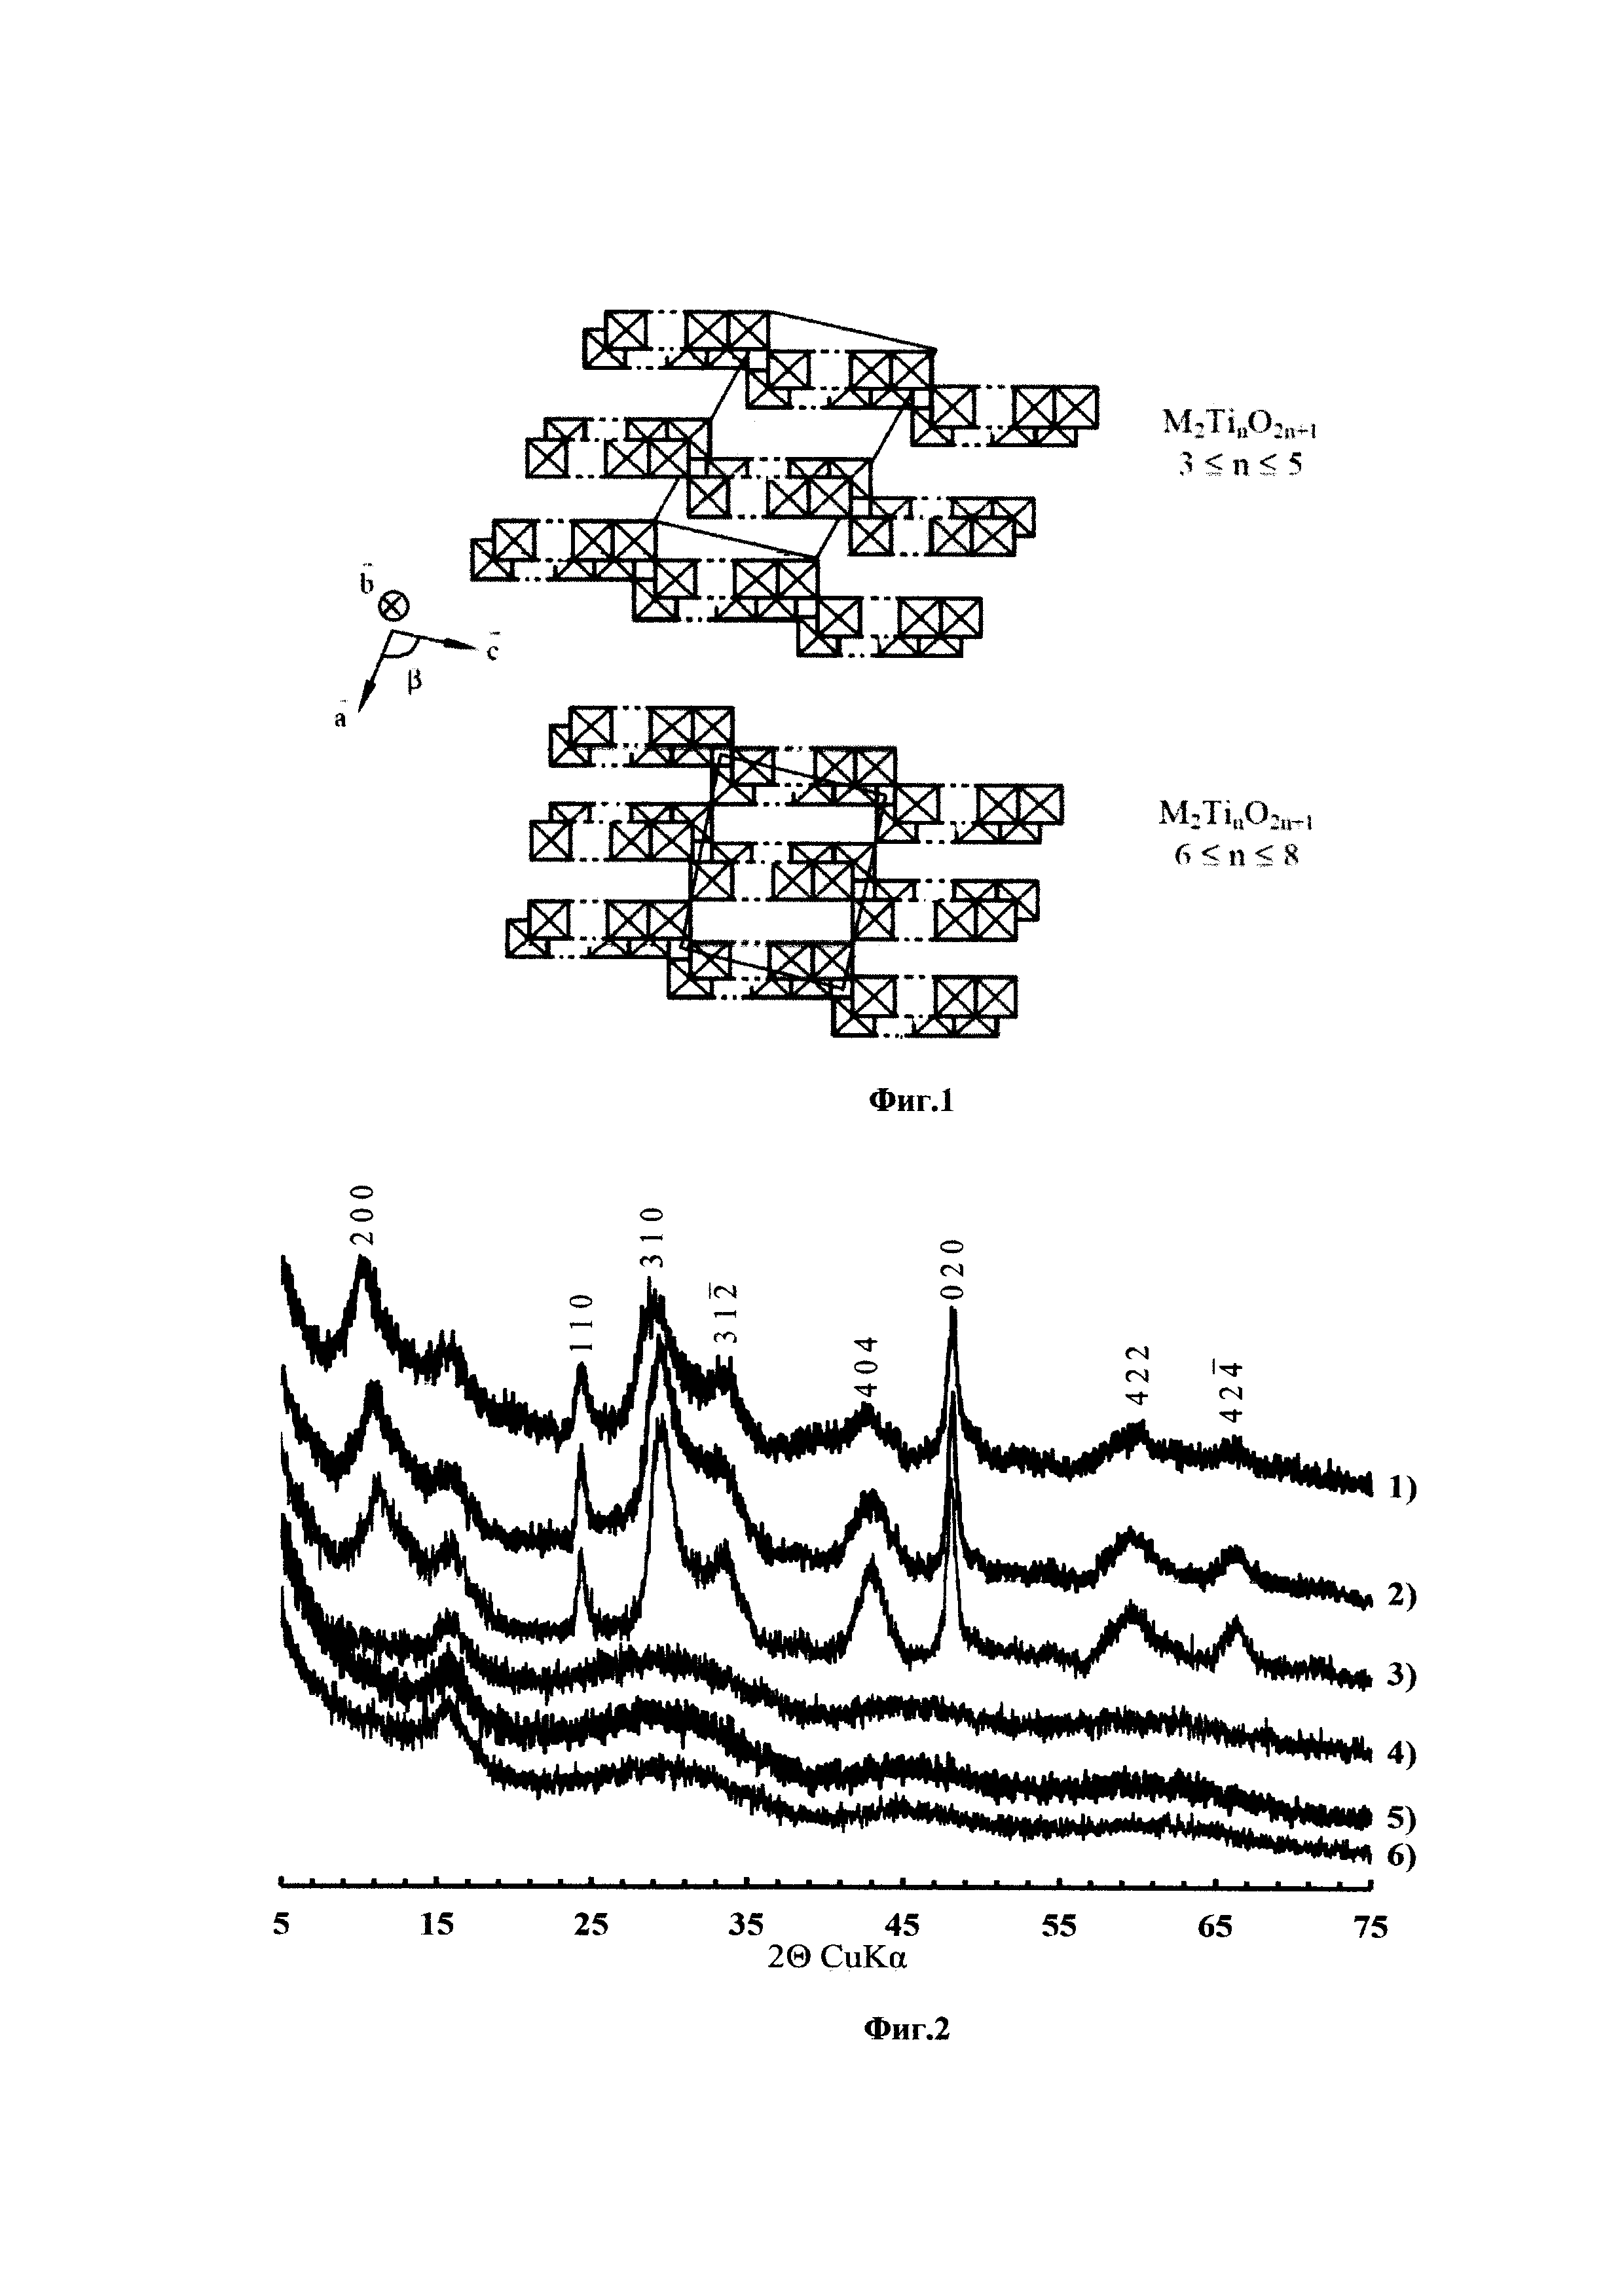 Нанотубулярные материалы, кристаллизующиеся в системе KO-TiO-X-HO (X=NiO, MgO, AlO, CrO, CoO, FeO) и способ их синтеза